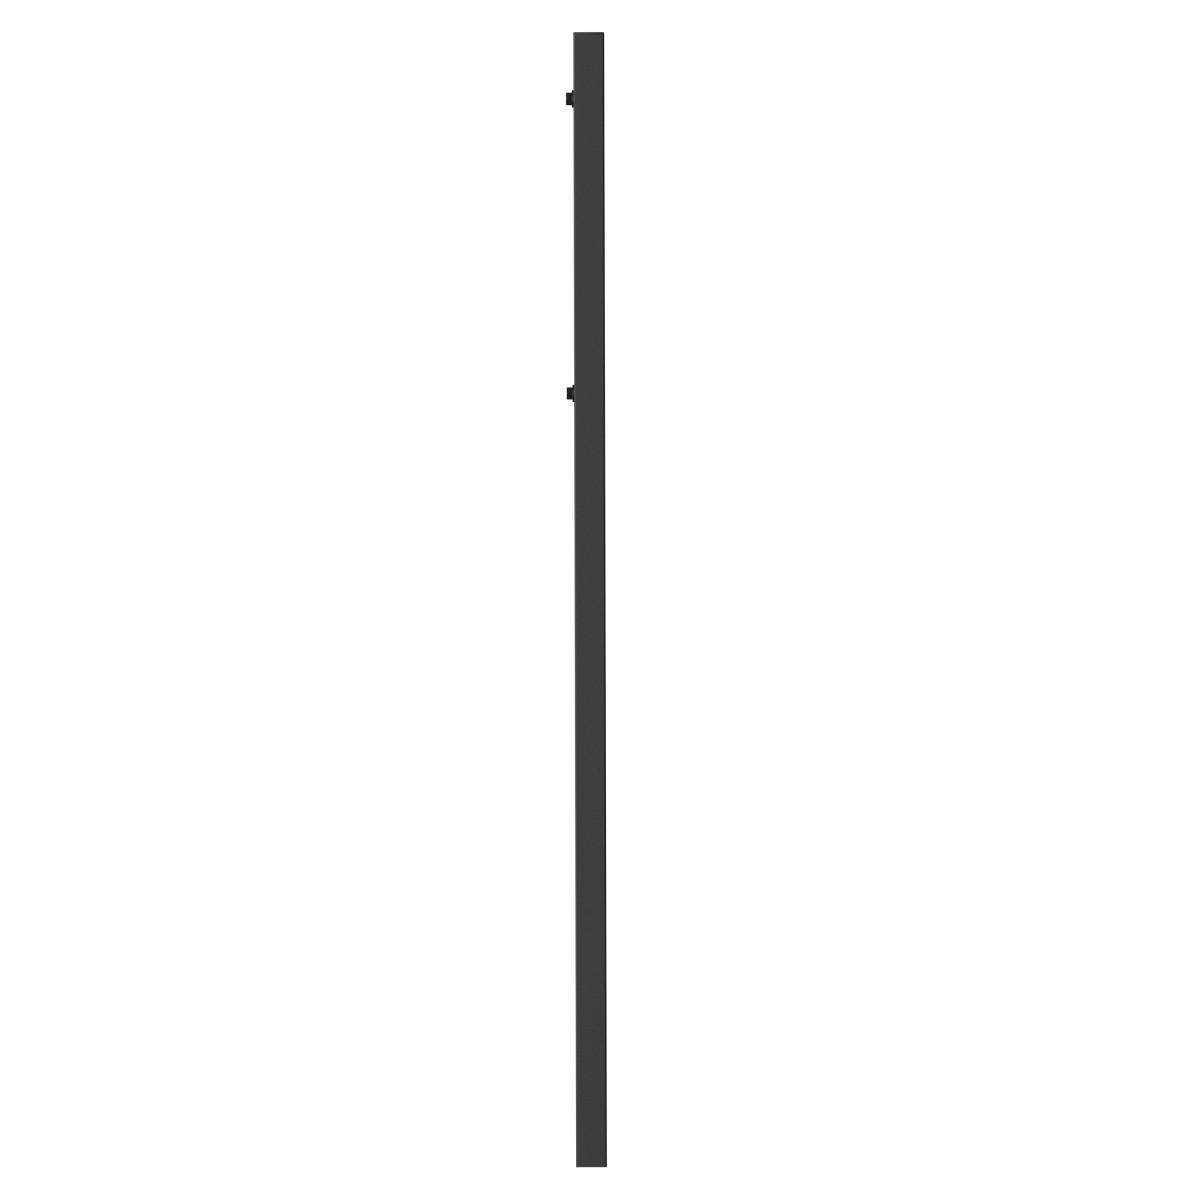 Столб для ворот профиль 80x80 мм L=2.95 м сталь